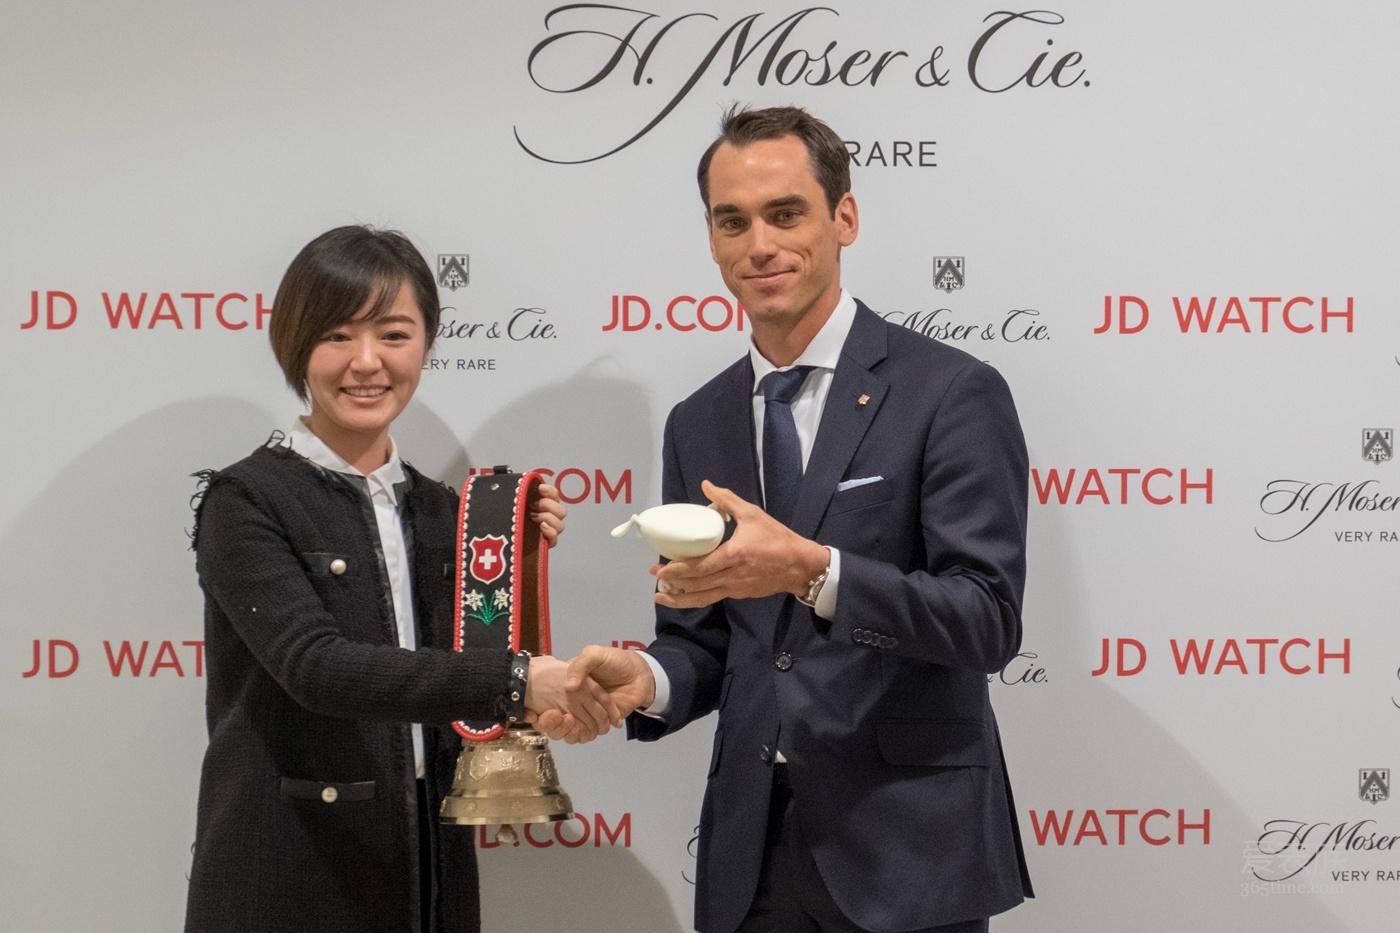 2018 年日内瓦国际高级钟表展 H. MOSER & CIE. 亨利慕时入驻京东 迎接全新电商时代